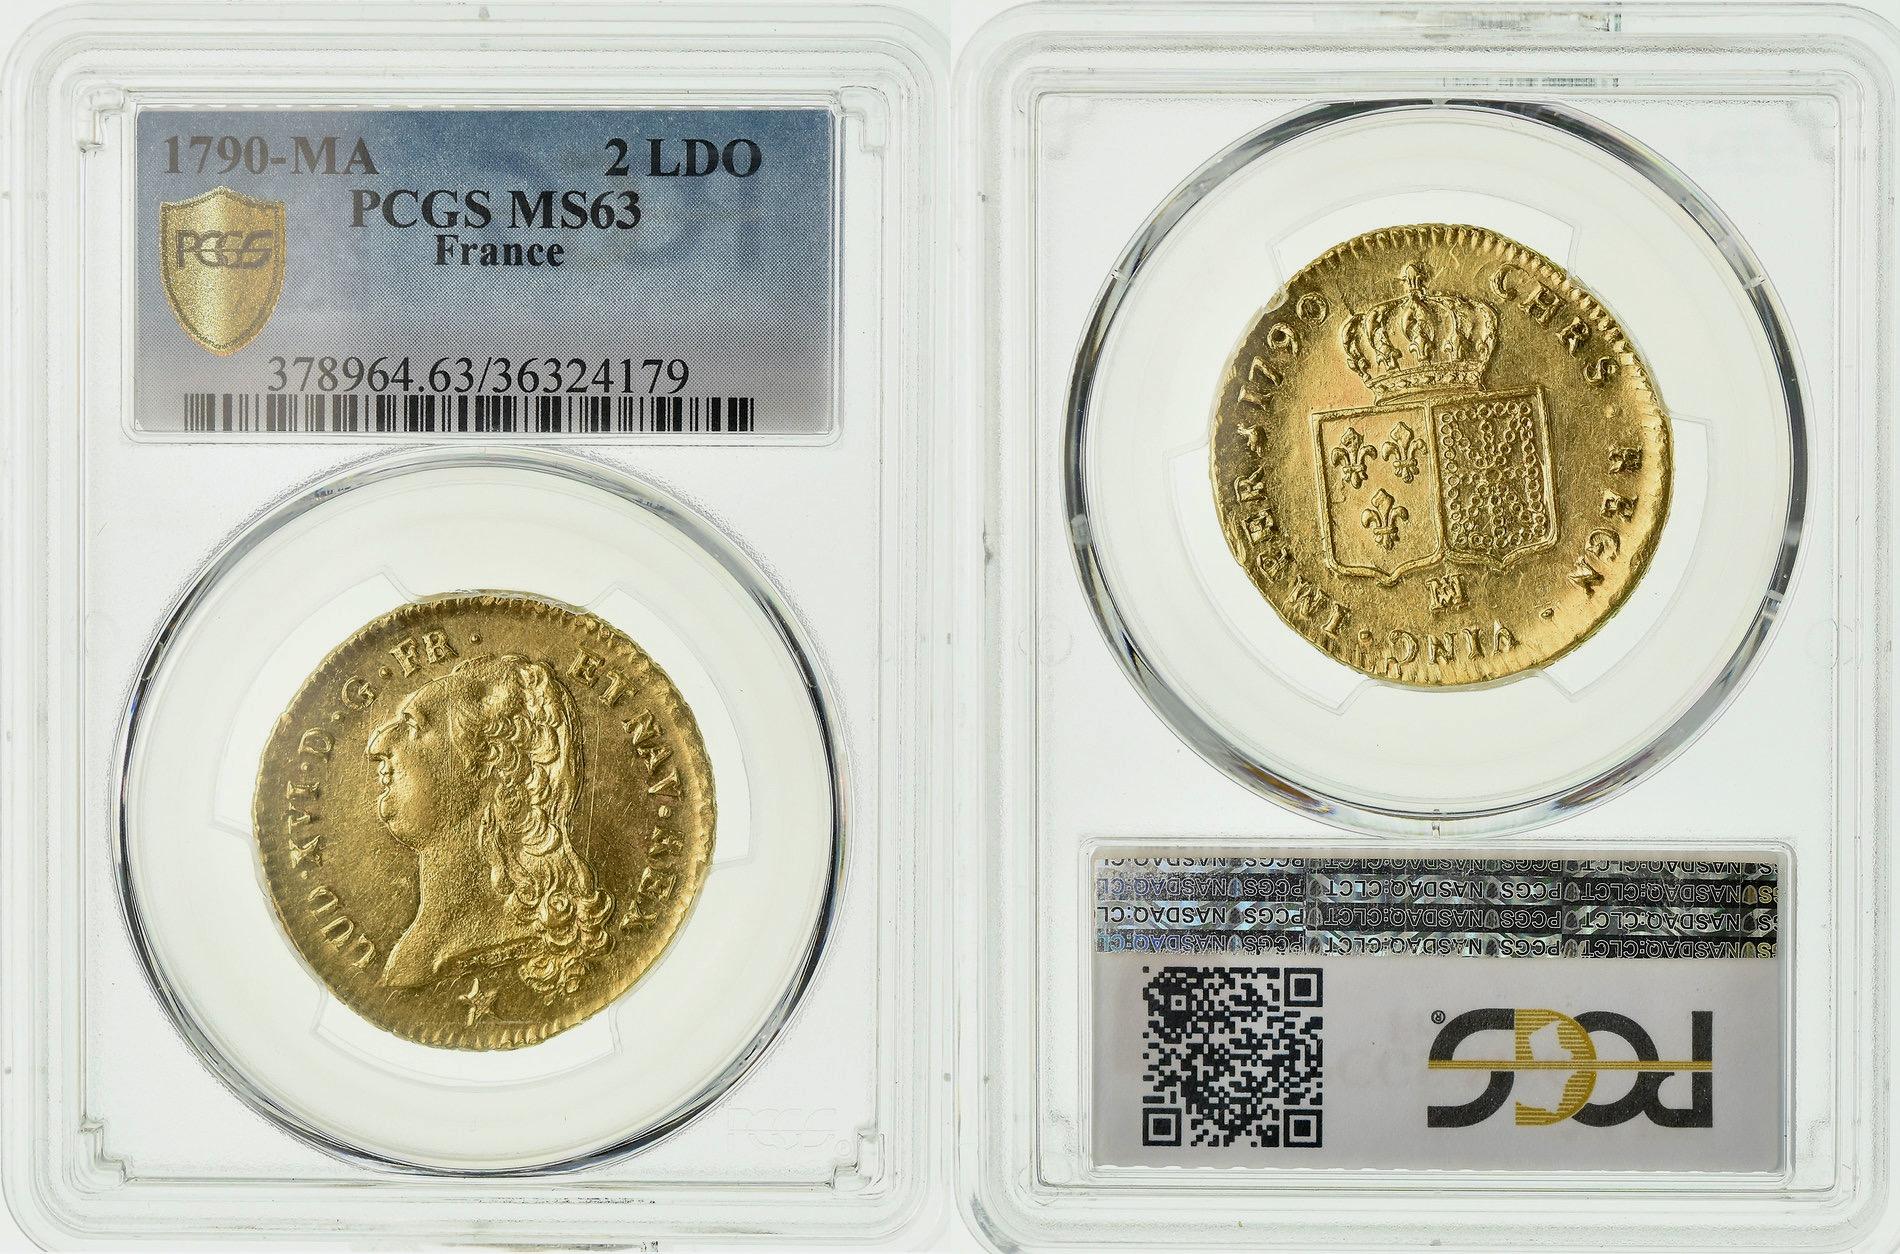 フランス1790年ルイ16世2ルイドール金貨 PCGS MS63画像